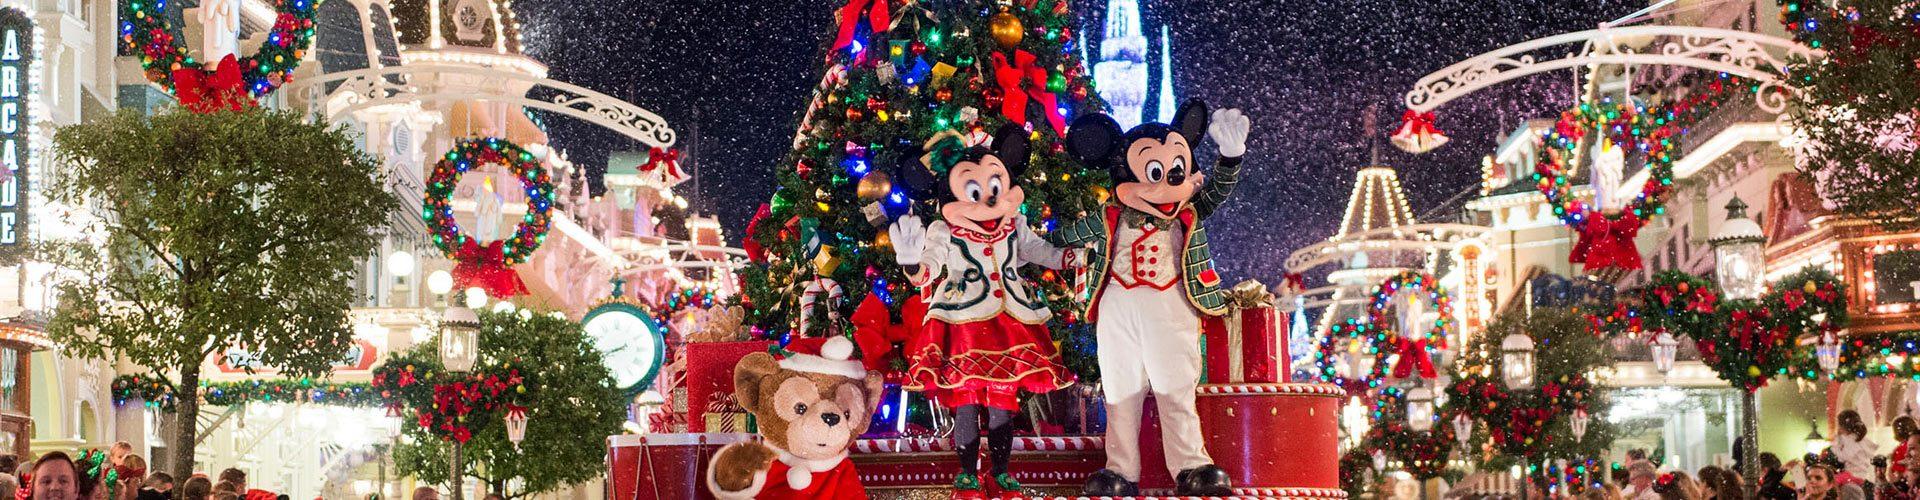 Mickey's Merry Christmas Party, Magic Kingdom Park